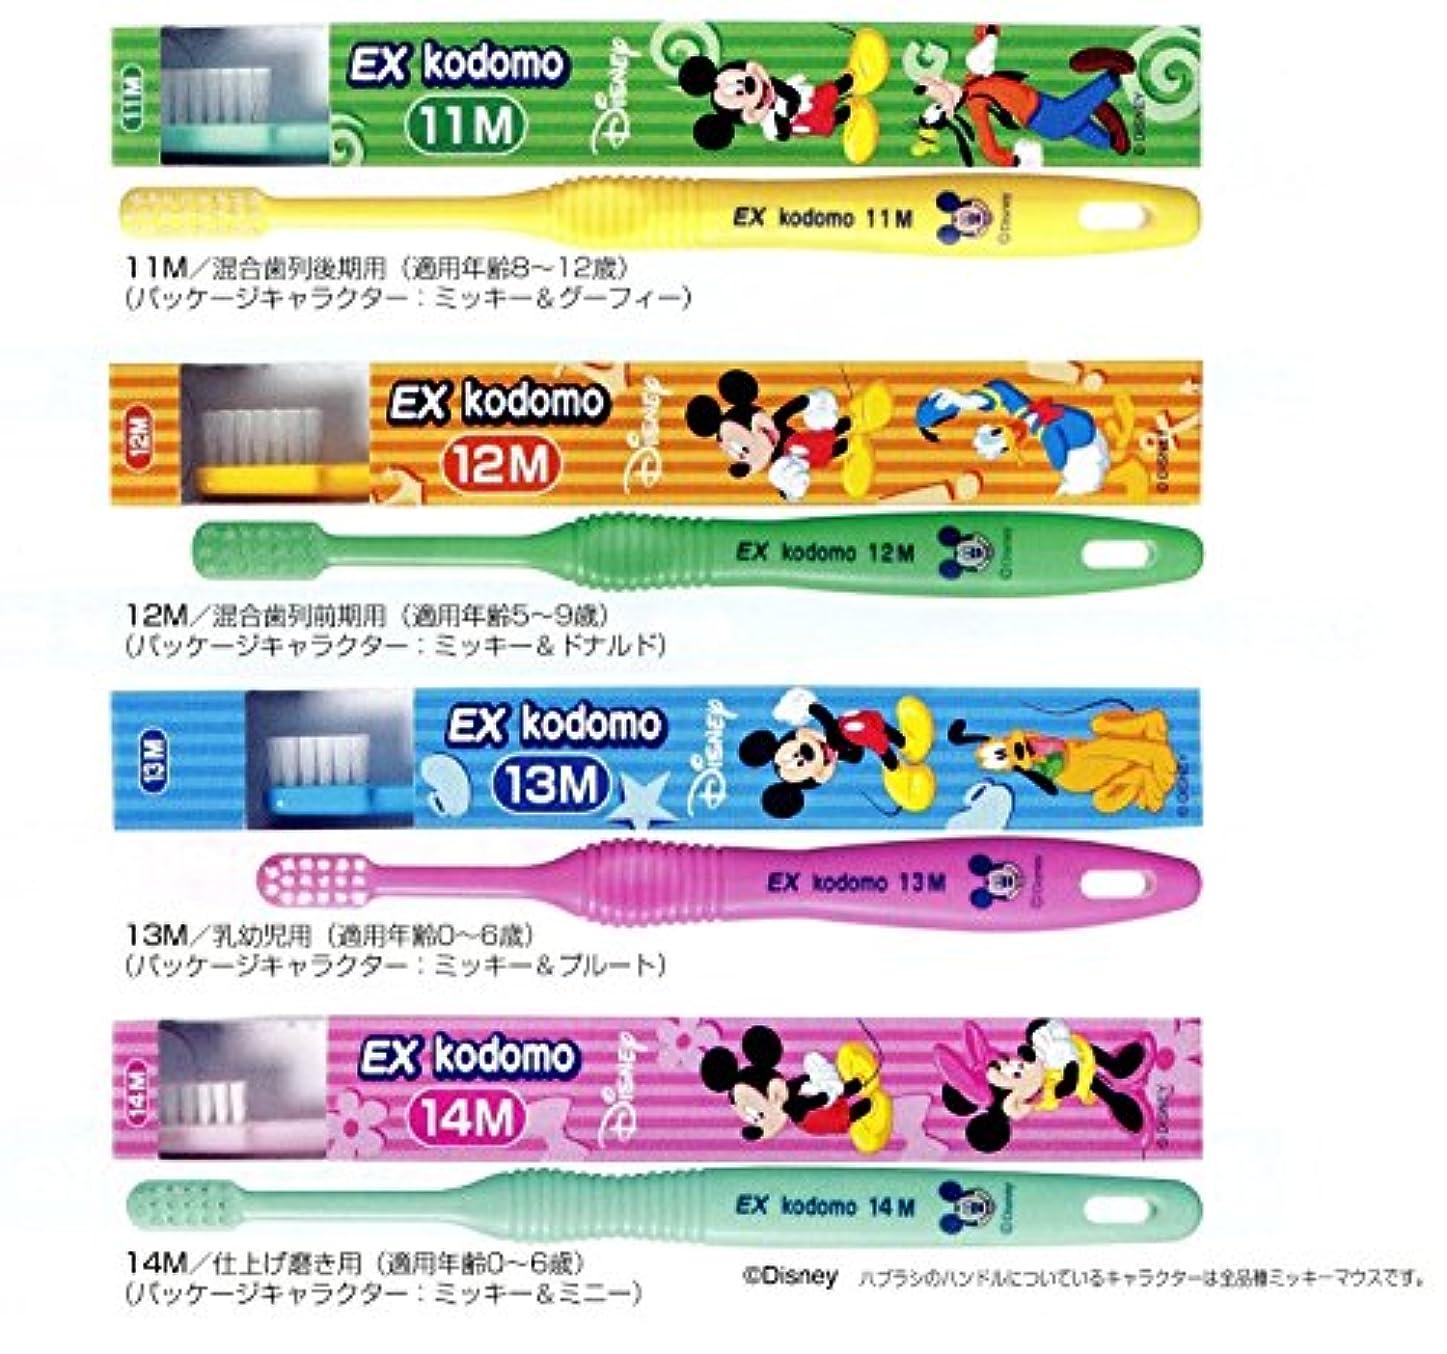 急勾配のイヤホン倍率ライオン コドモ ディズニー DENT.EX kodomo Disney 1本 11M グリーン (8?12歳)